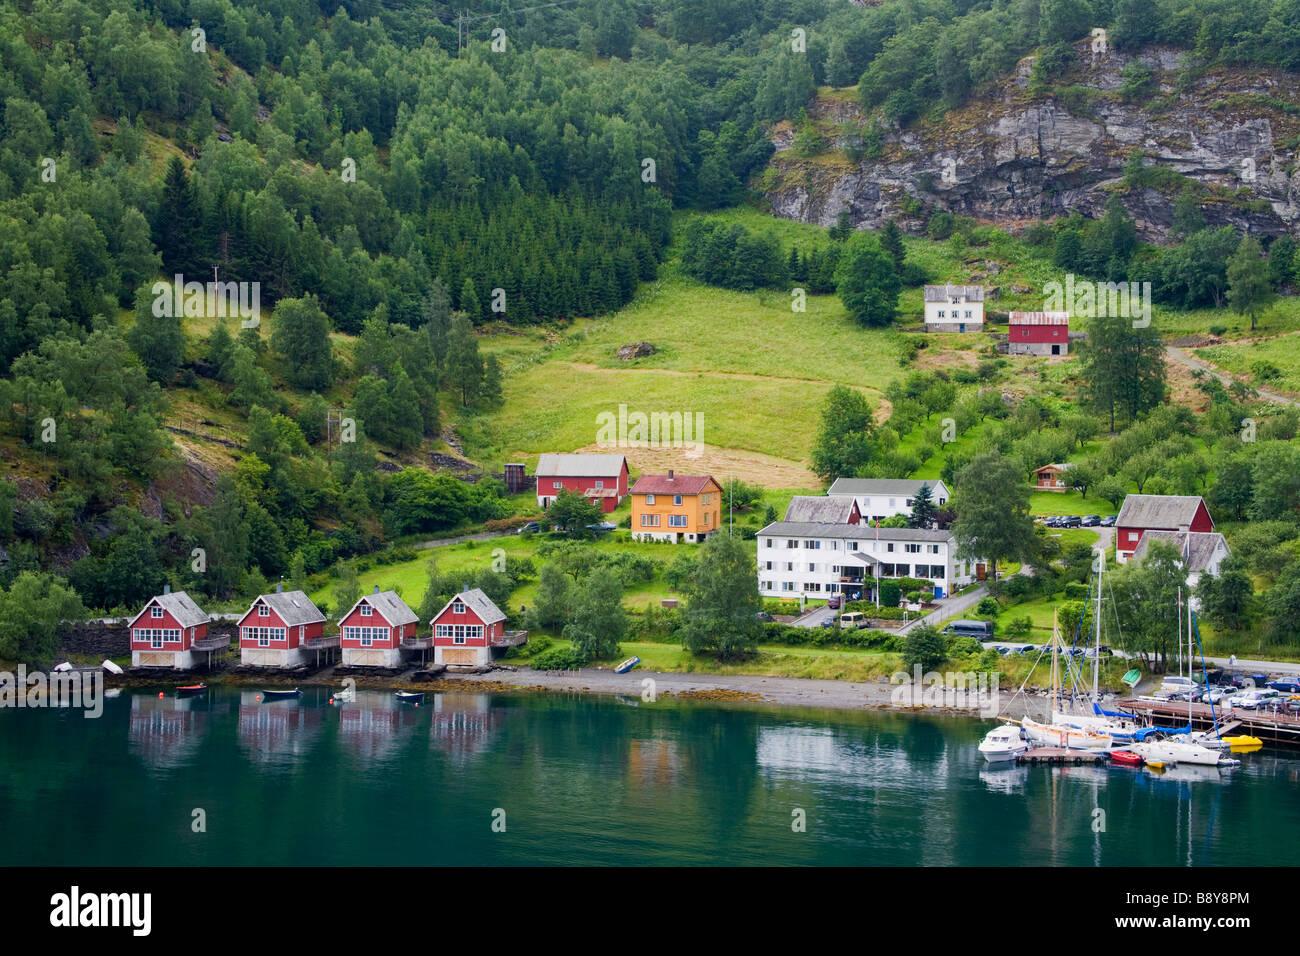 Elevato angolo di visione di un villaggio sulla costa, Flam, Aurlandsfjord, Sogn og Fjordane, Norvegia Immagini Stock